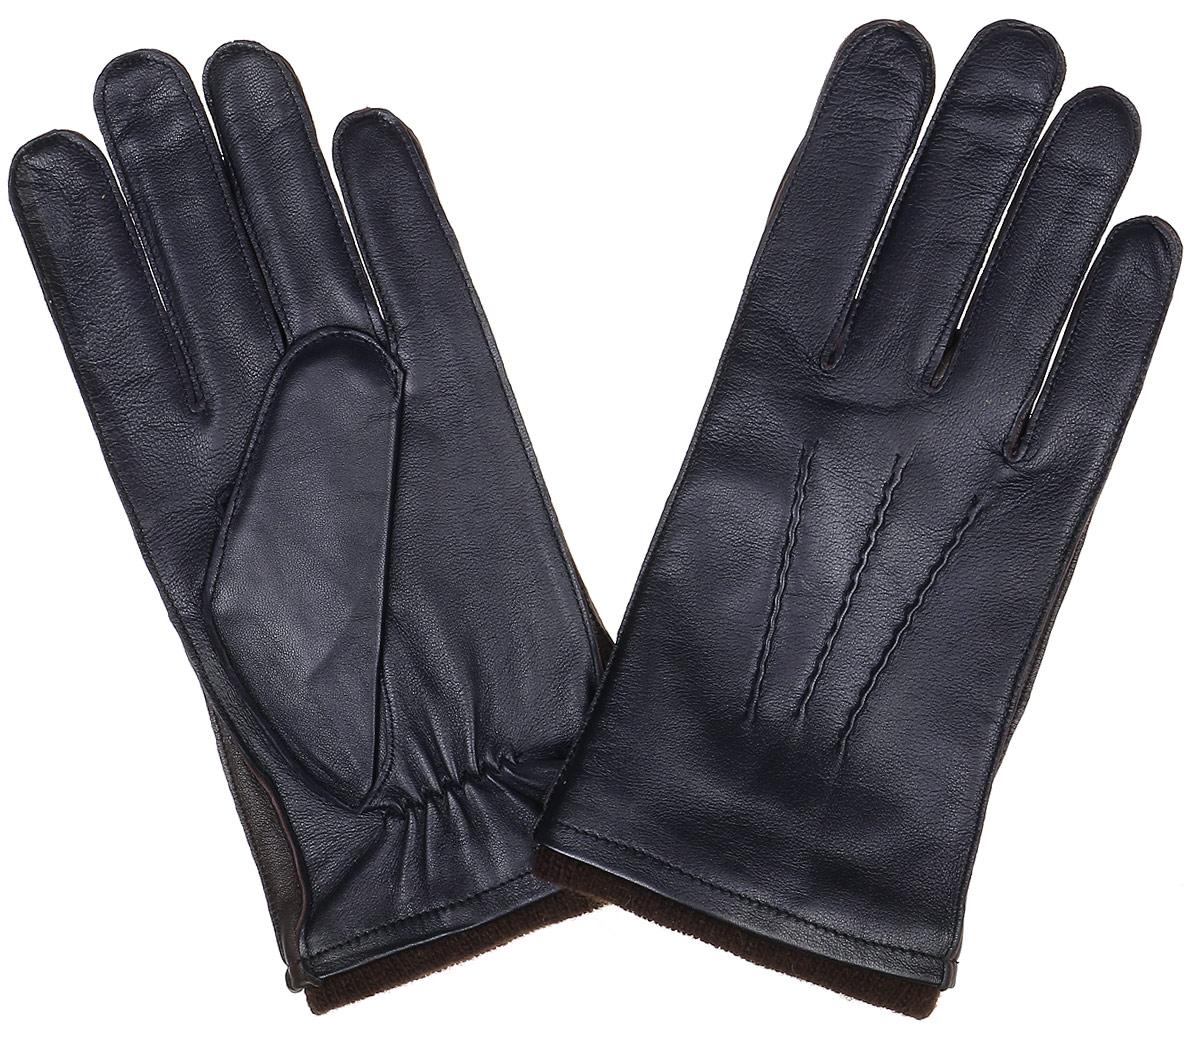 Перчатки мужские Fabretti, цвет: темно-синий. 12.48-12. Размер 1012.48-12 navyСтильные мужские перчатки Fabretti не только защитят ваши руки, но и станут великолепным украшением. Перчатки выполнены из натуральной кожи ягненка, а их подкладка - из высококачественной шерсти с добавлением кашемира.Модель дополнена декоративными швами в виде трех лучей. Перчатки имеют строчки-стежки на запястье, которые придают большее удобство при носке.Стильный аксессуар для повседневного образа.